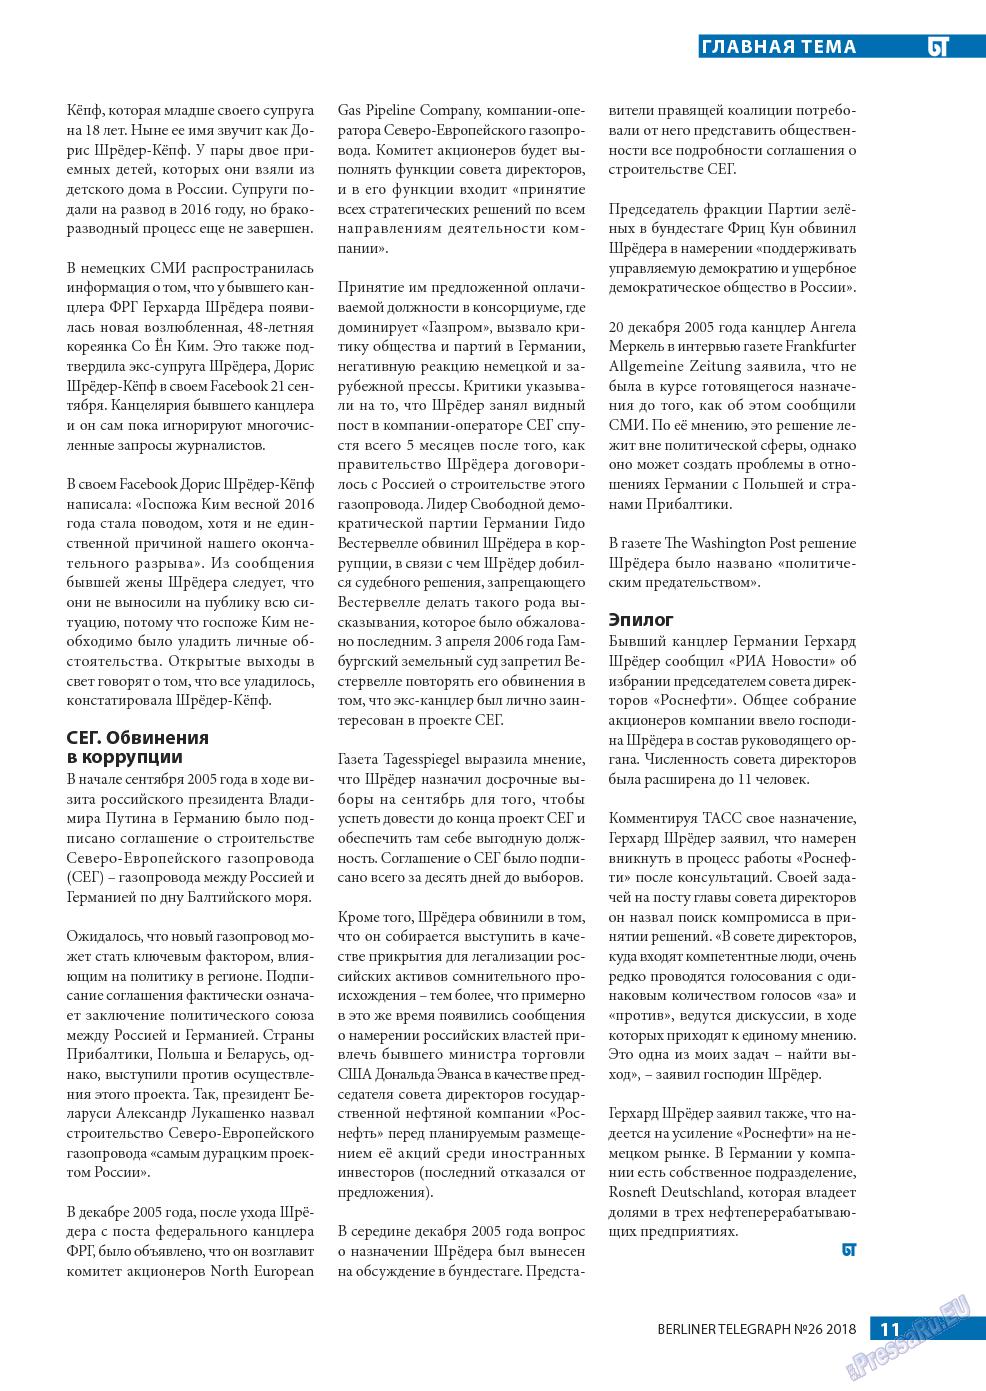 Берлинский телеграф (журнал). 2018 год, номер 26, стр. 11